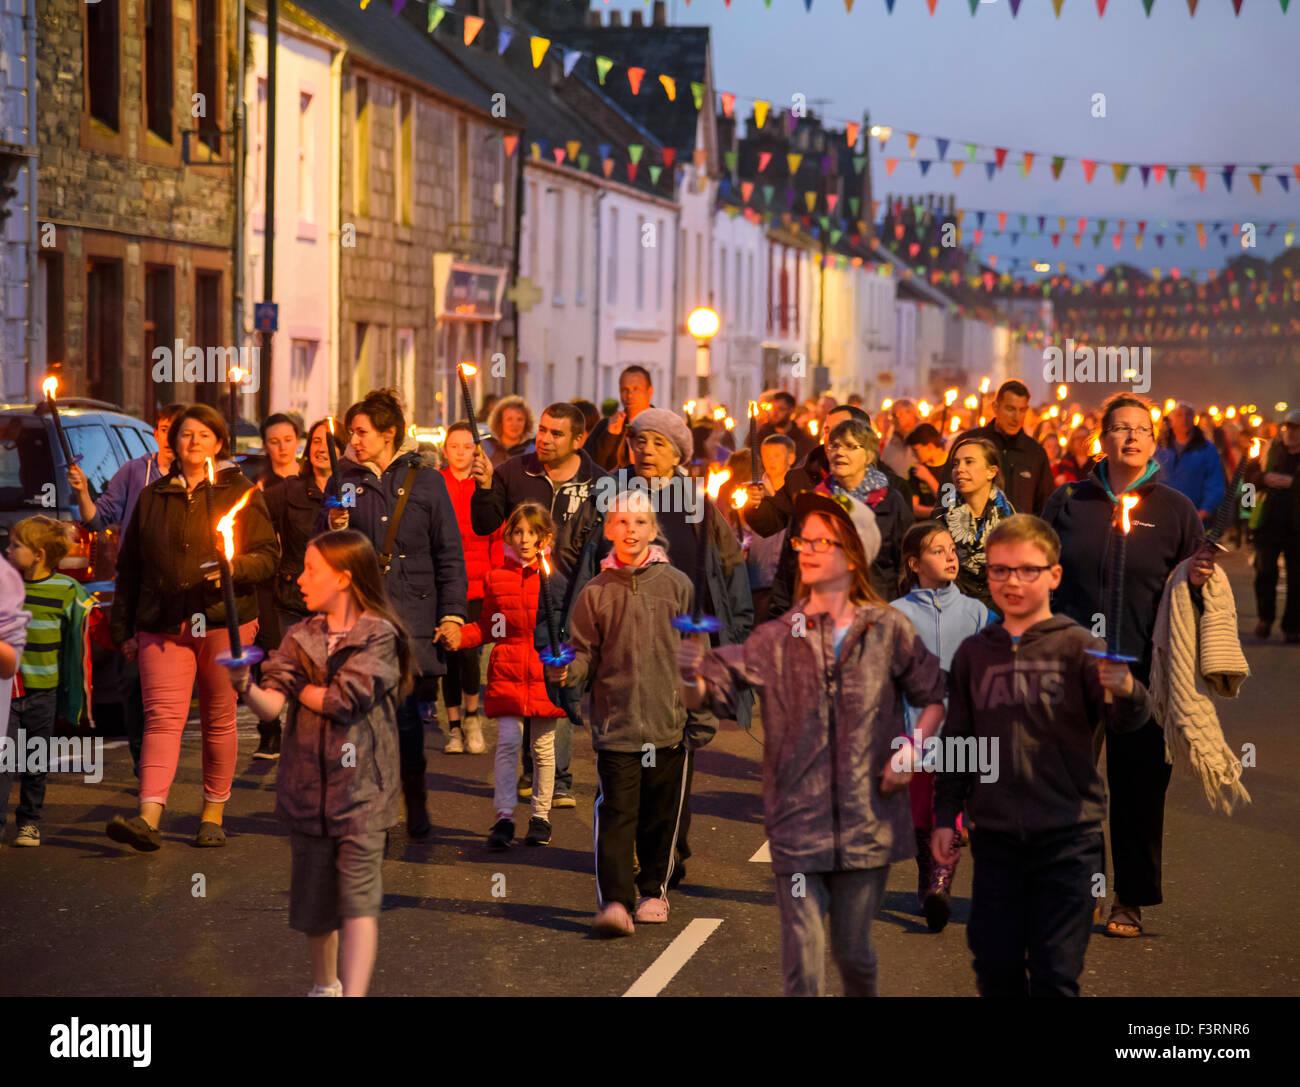 Gatehouse of Fleet 2015 Gala défilé aux flambeaux et feu d'artifice Photo Stock